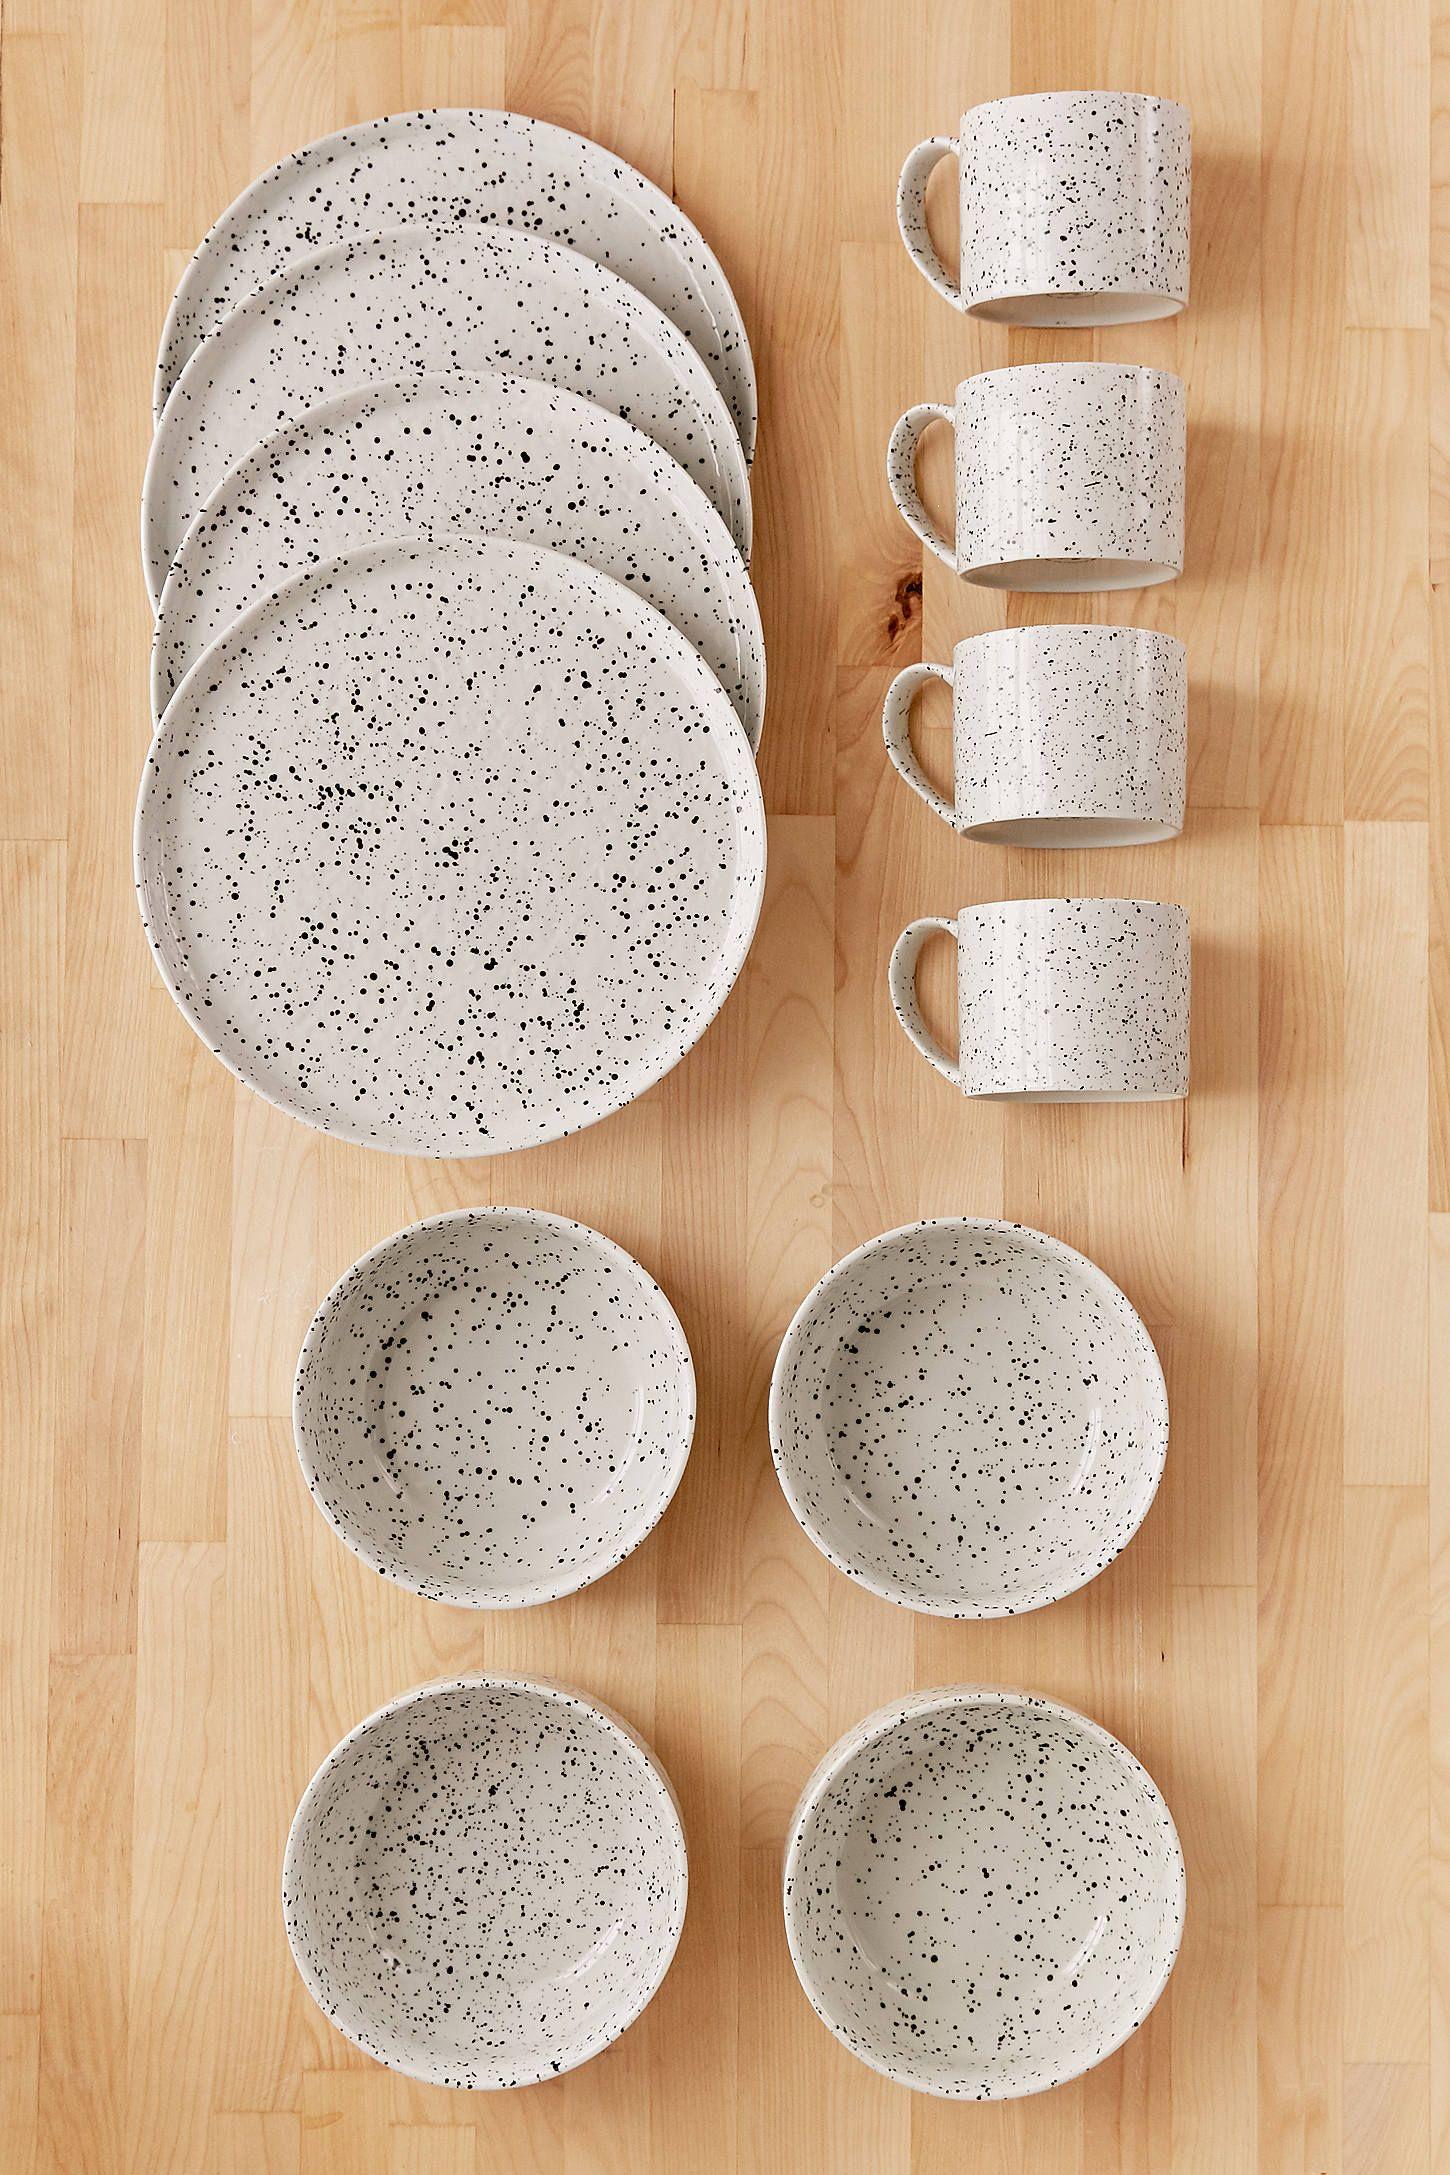 12-Piece Speckled Dinnerware Set & 12-Piece Speckled Dinnerware Set | Dinnerware Apartments and House